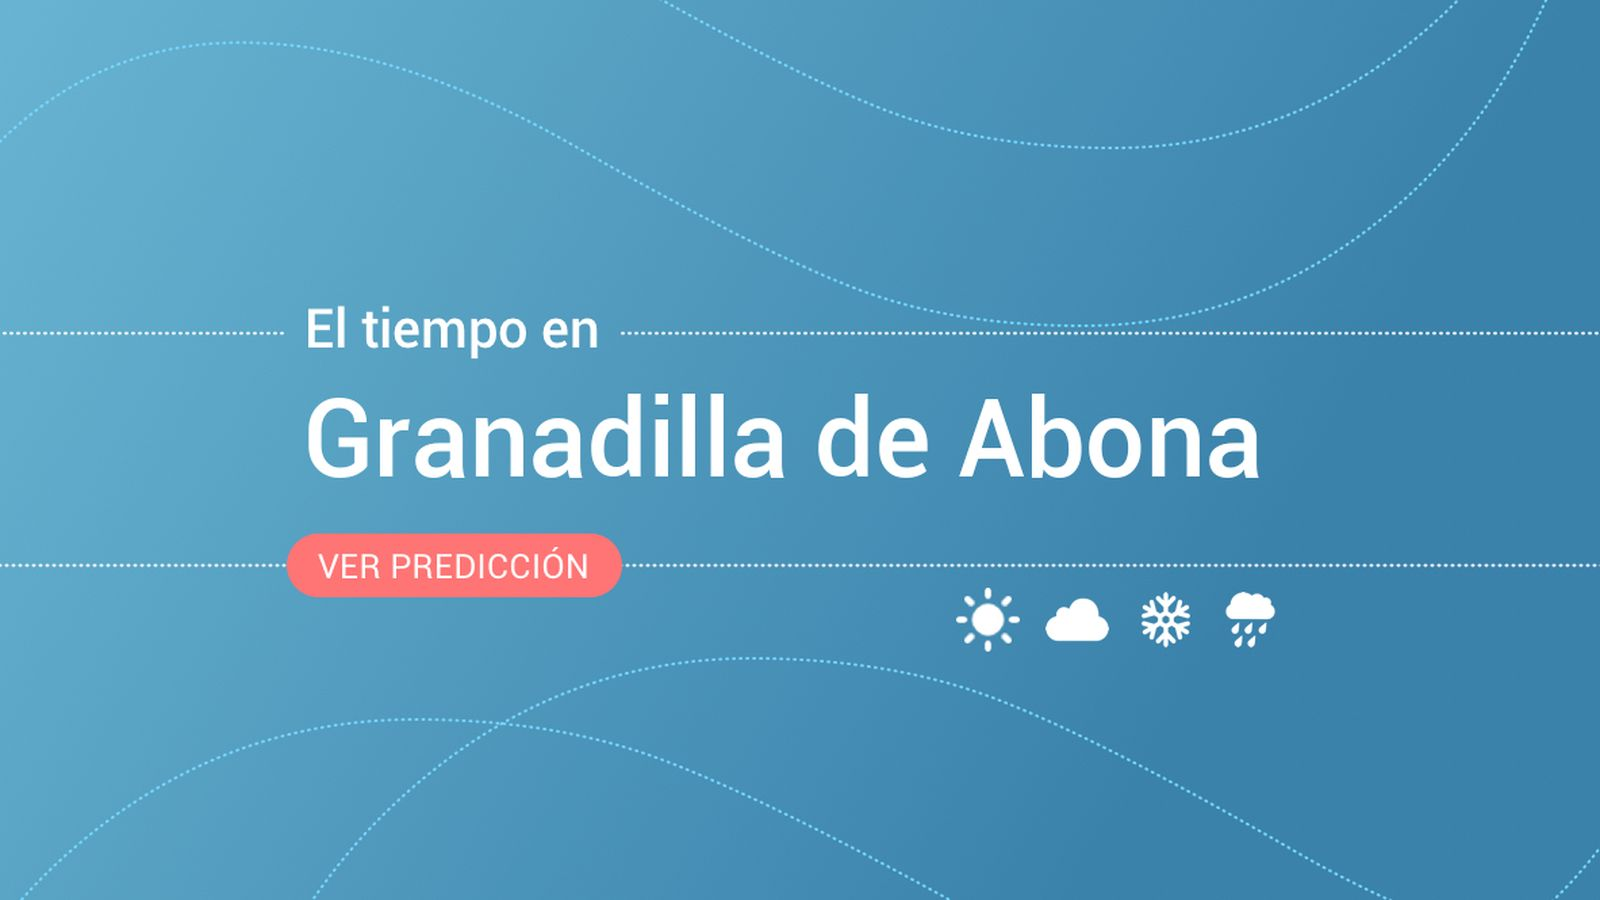 Foto: El tiempo en Granadilla de Abona. (EC)